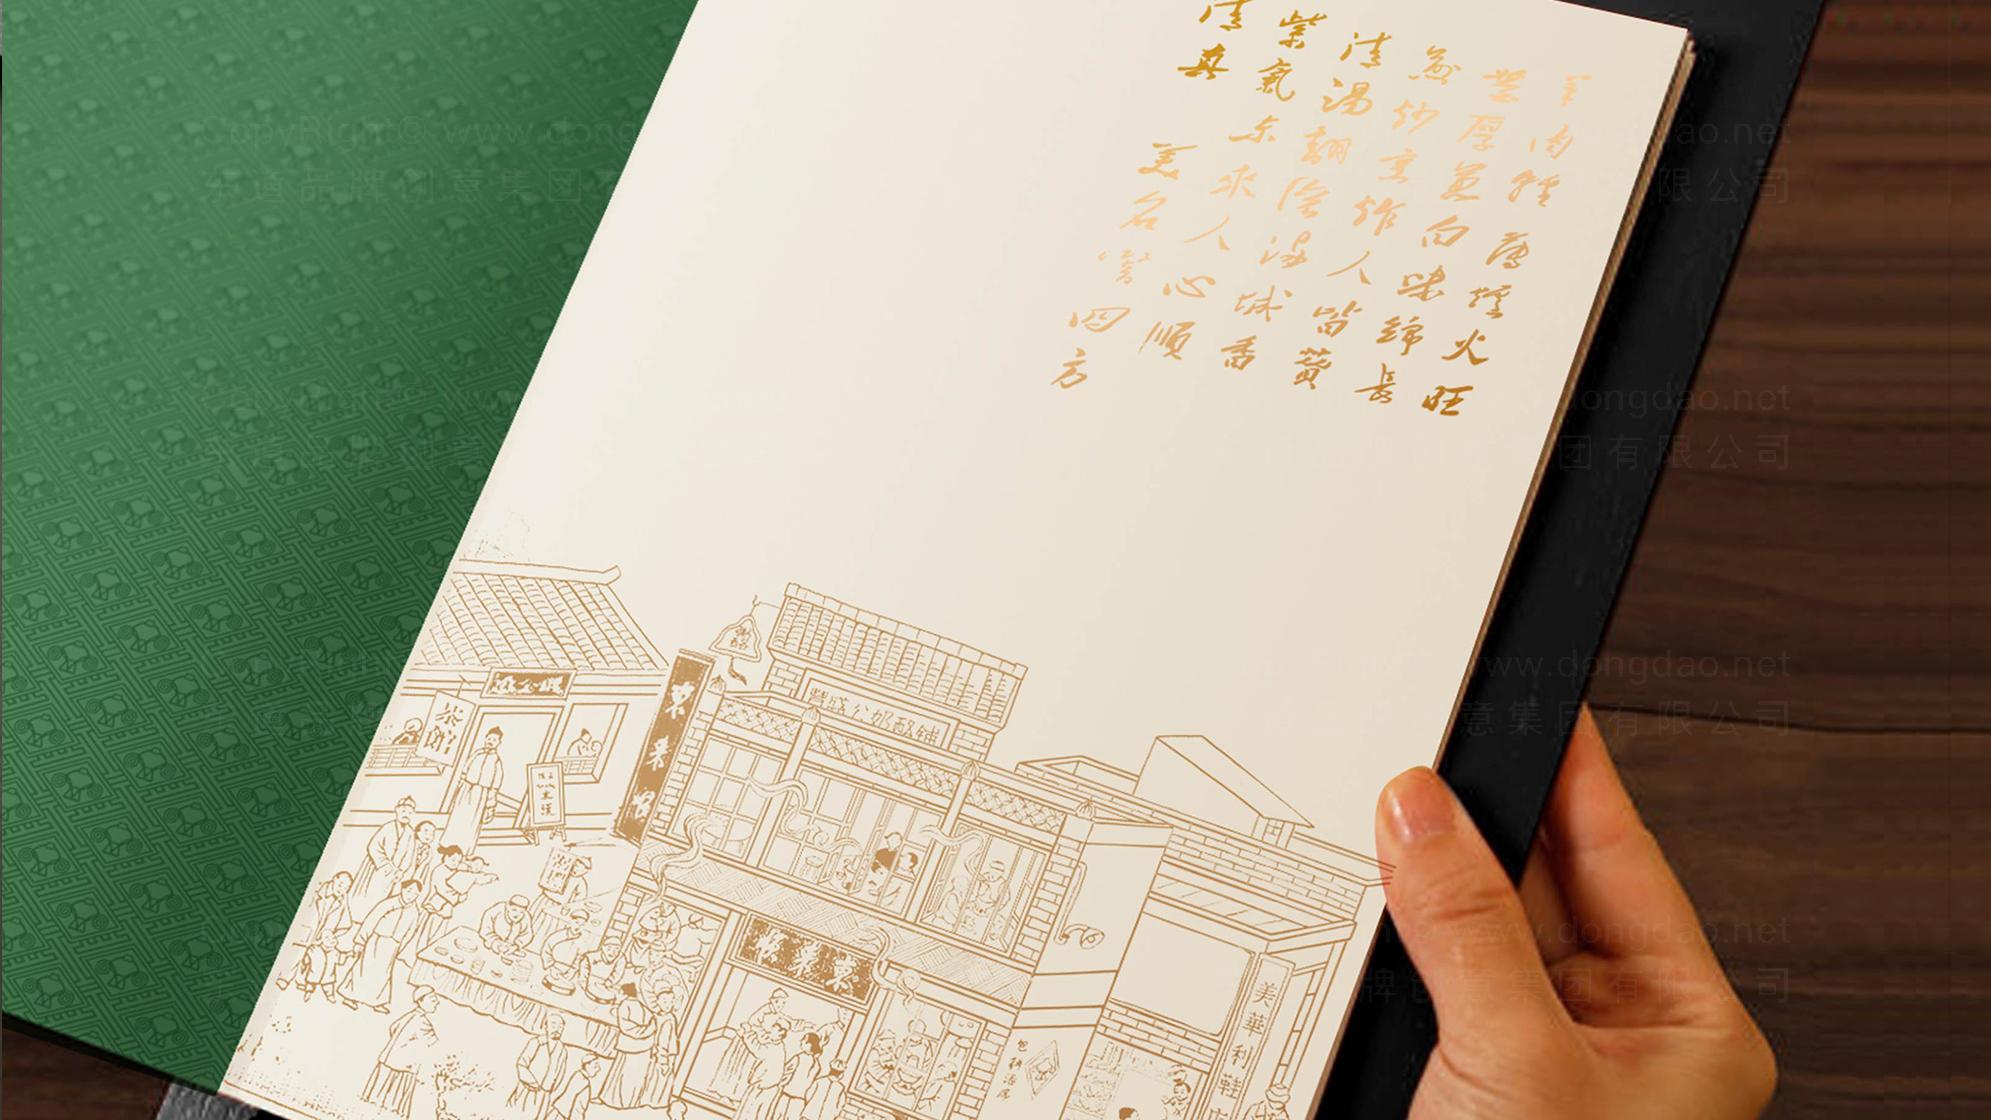 品牌设计东来顺LOGO优化&VI设计应用场景_11